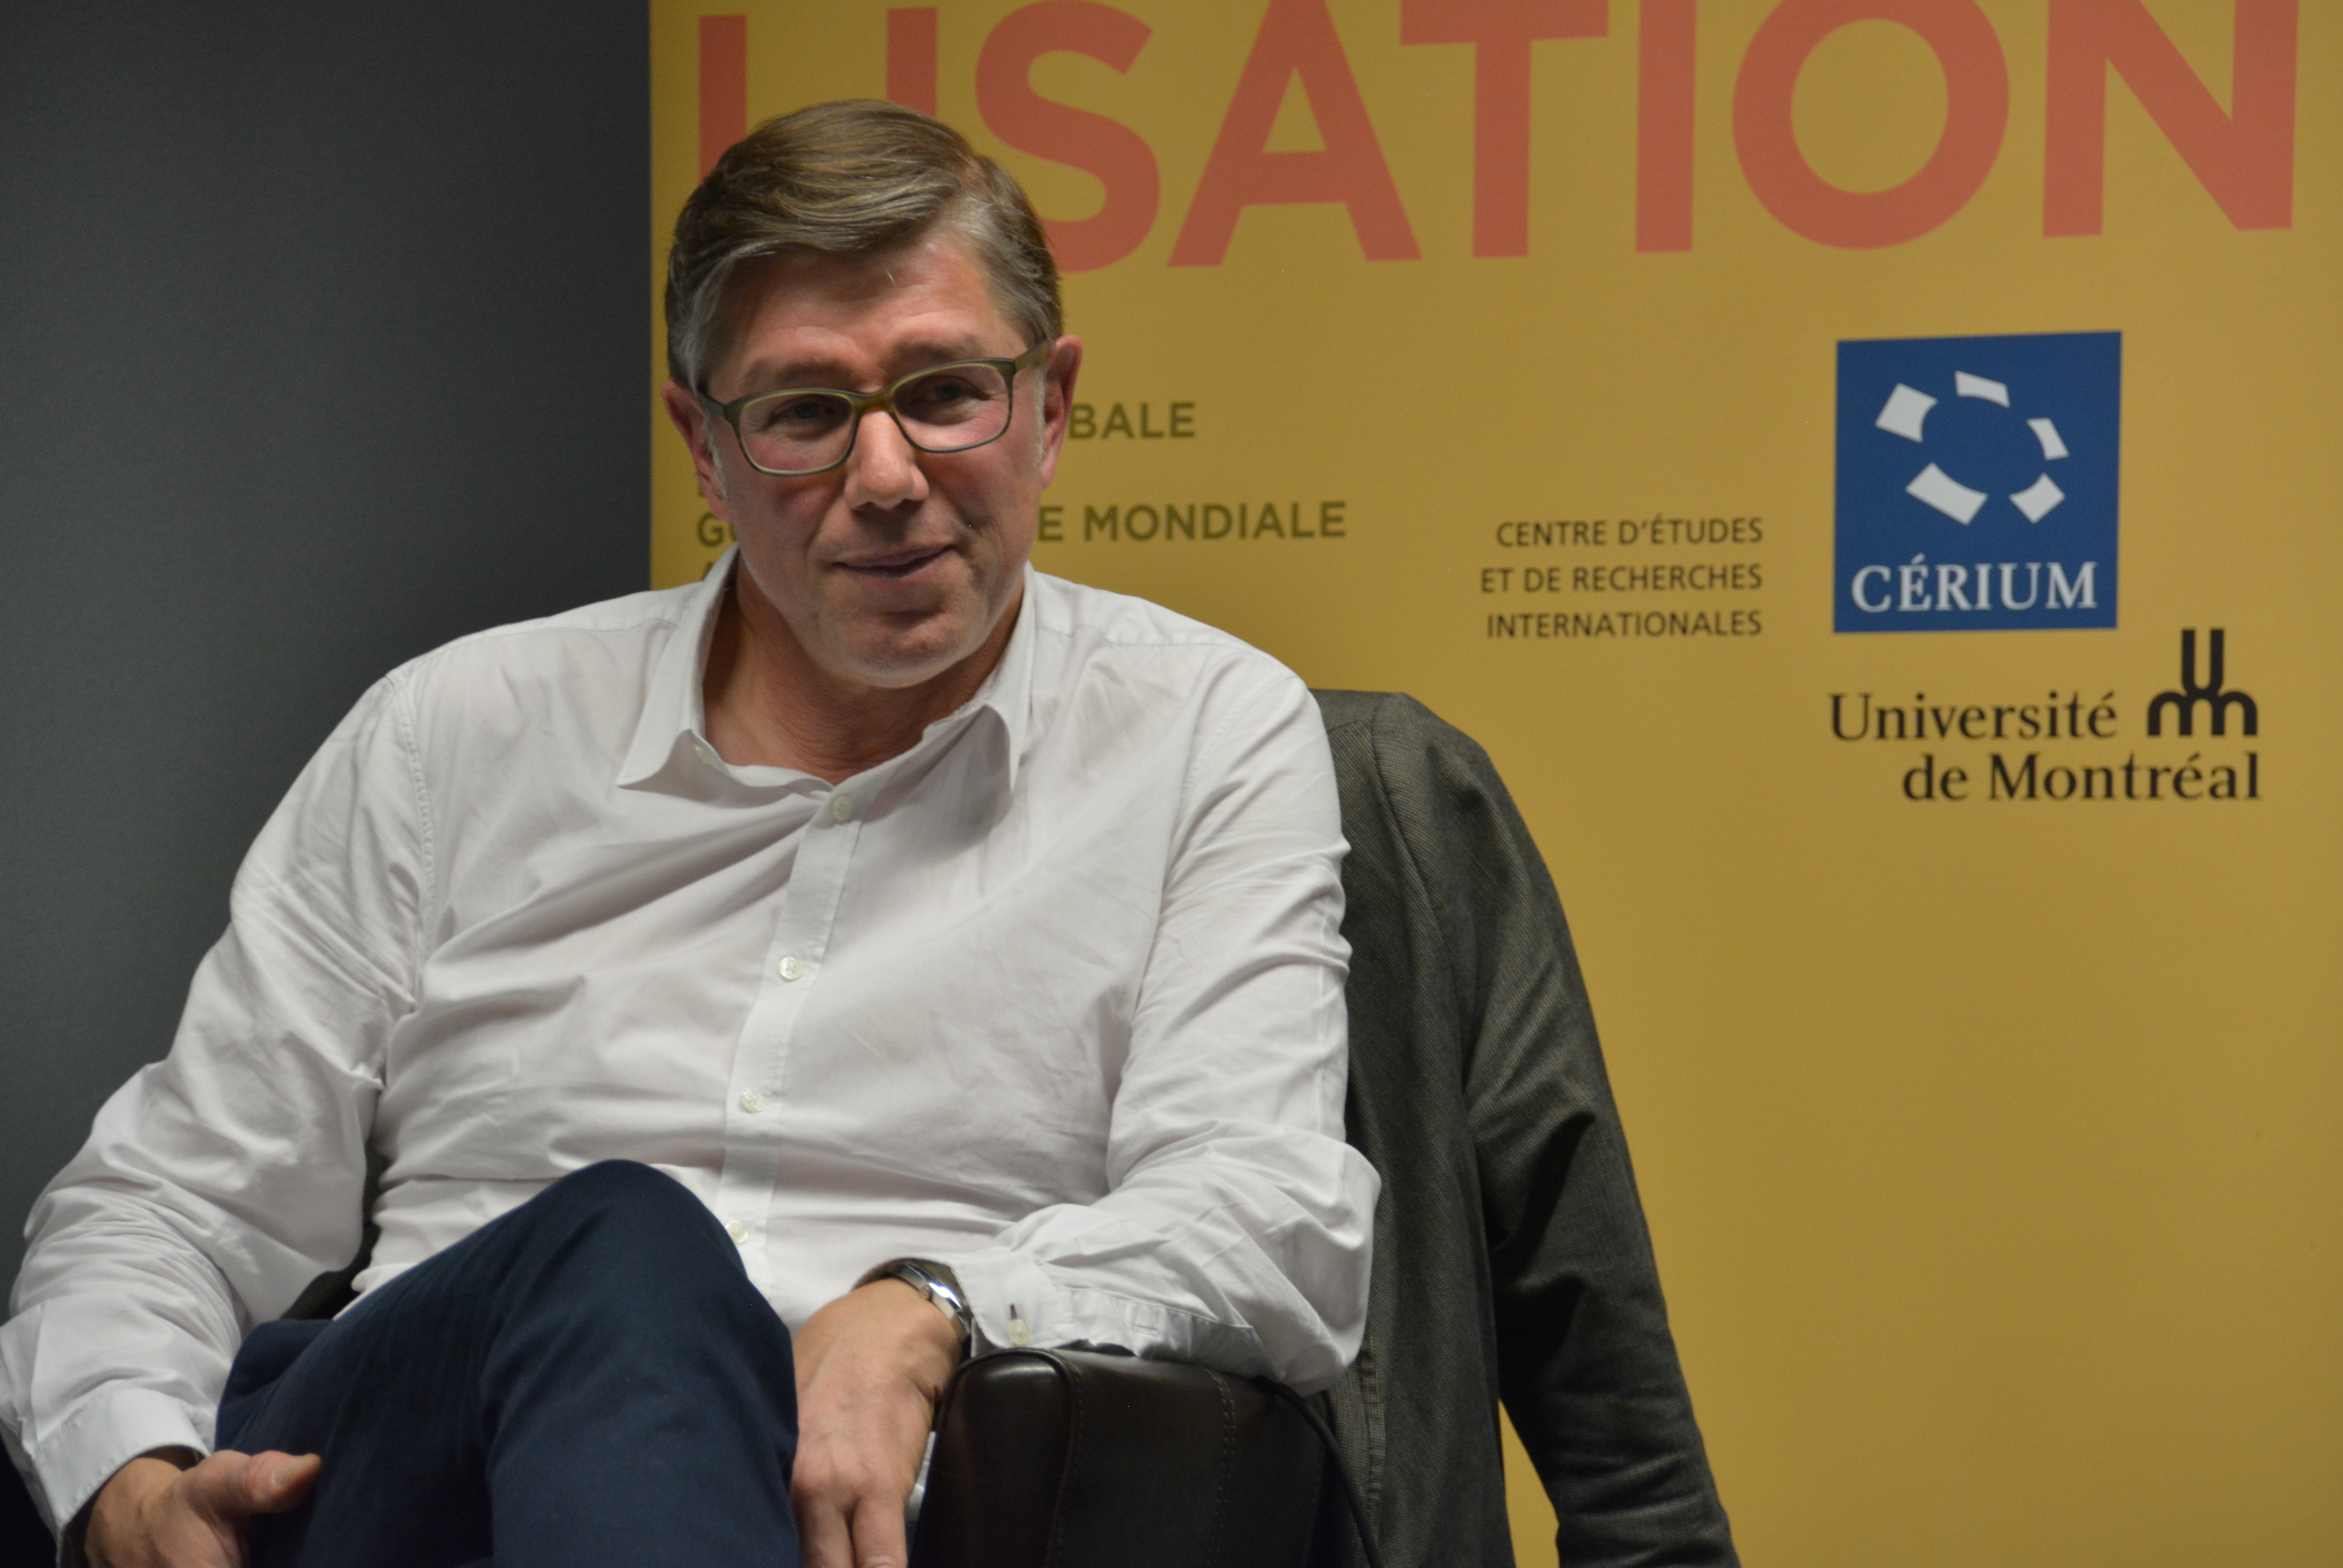 Jean Quatremer à l'Université de Montréal : L'absolue nécessité de l'Europe